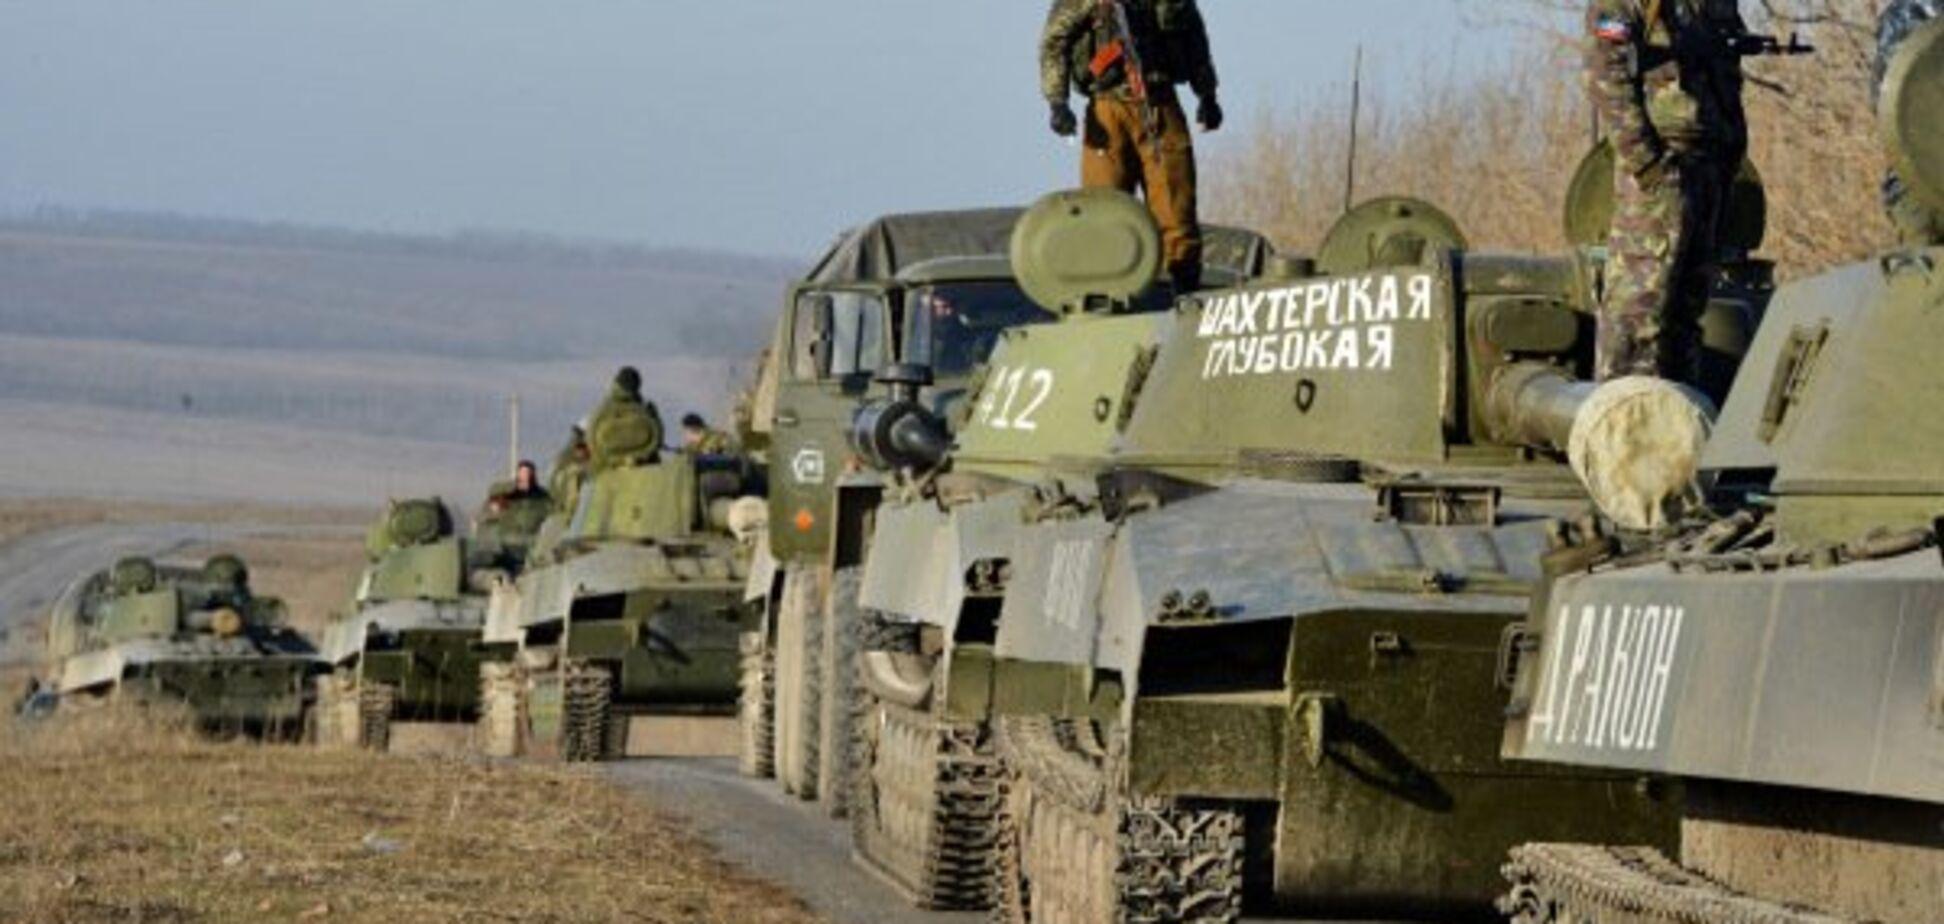 Росія таємно перекинула військову техніку на Донбас: що відбувається